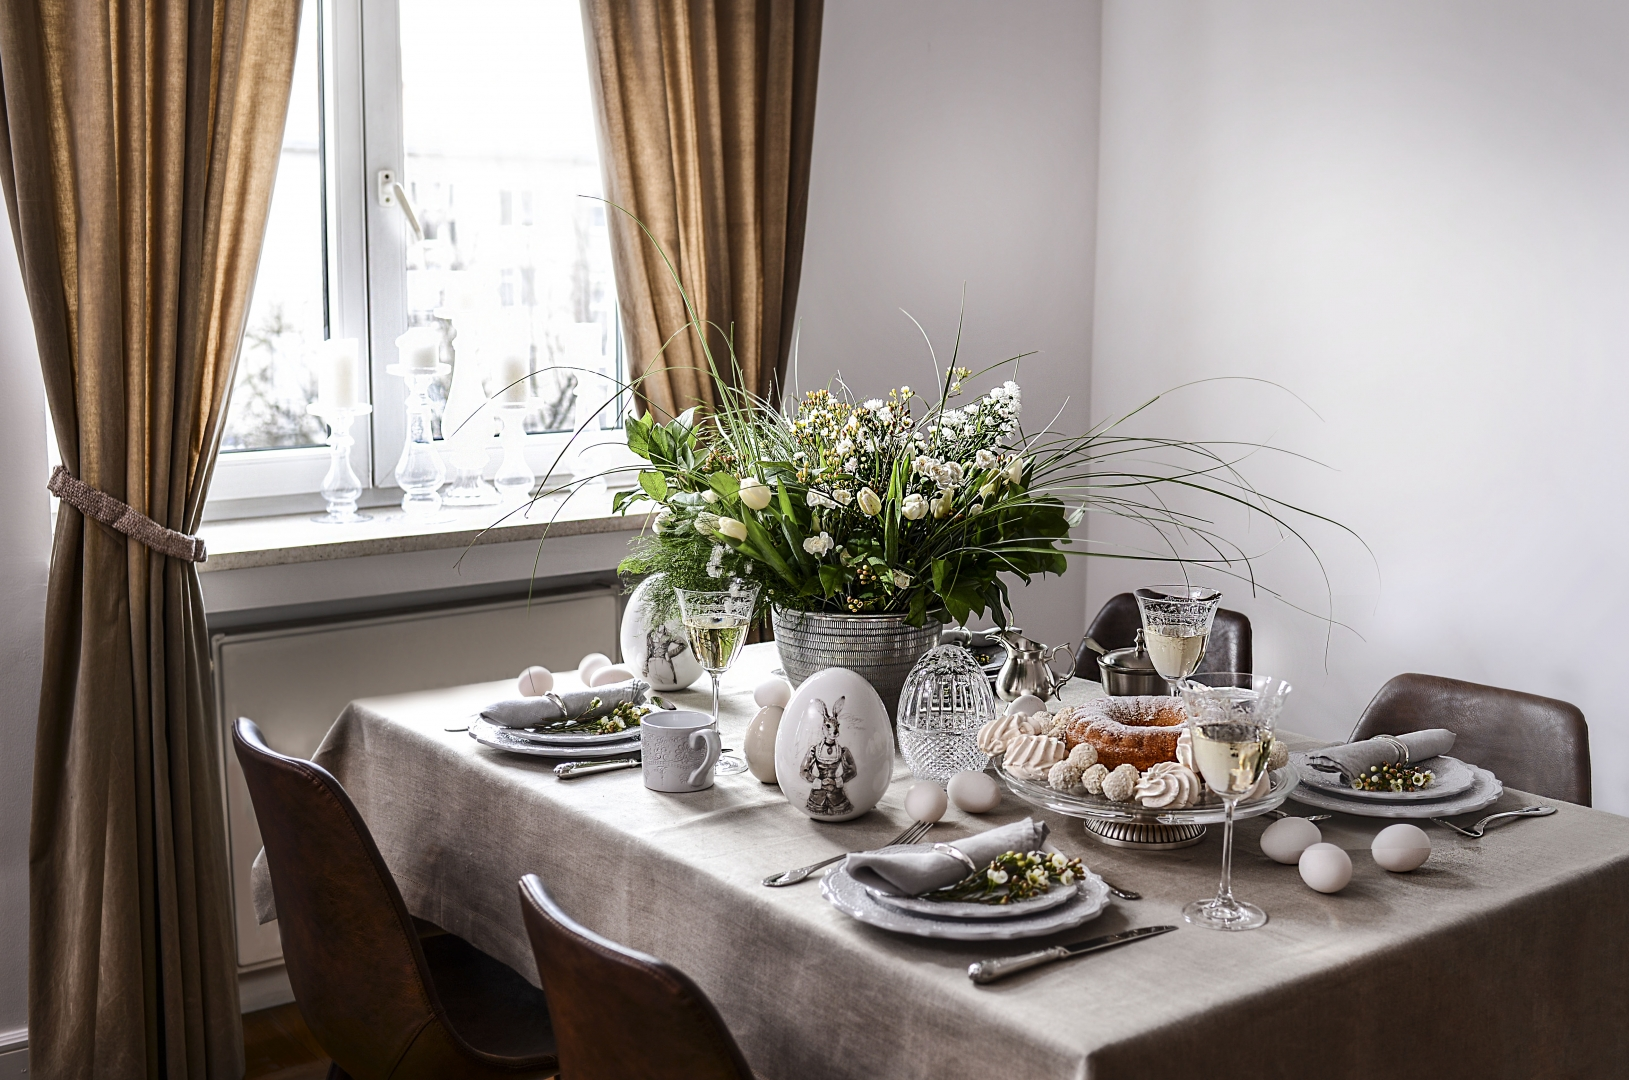 Wielkanocne Inspiracje Ozdoby I Dekoracje Do Domu I Na Stół